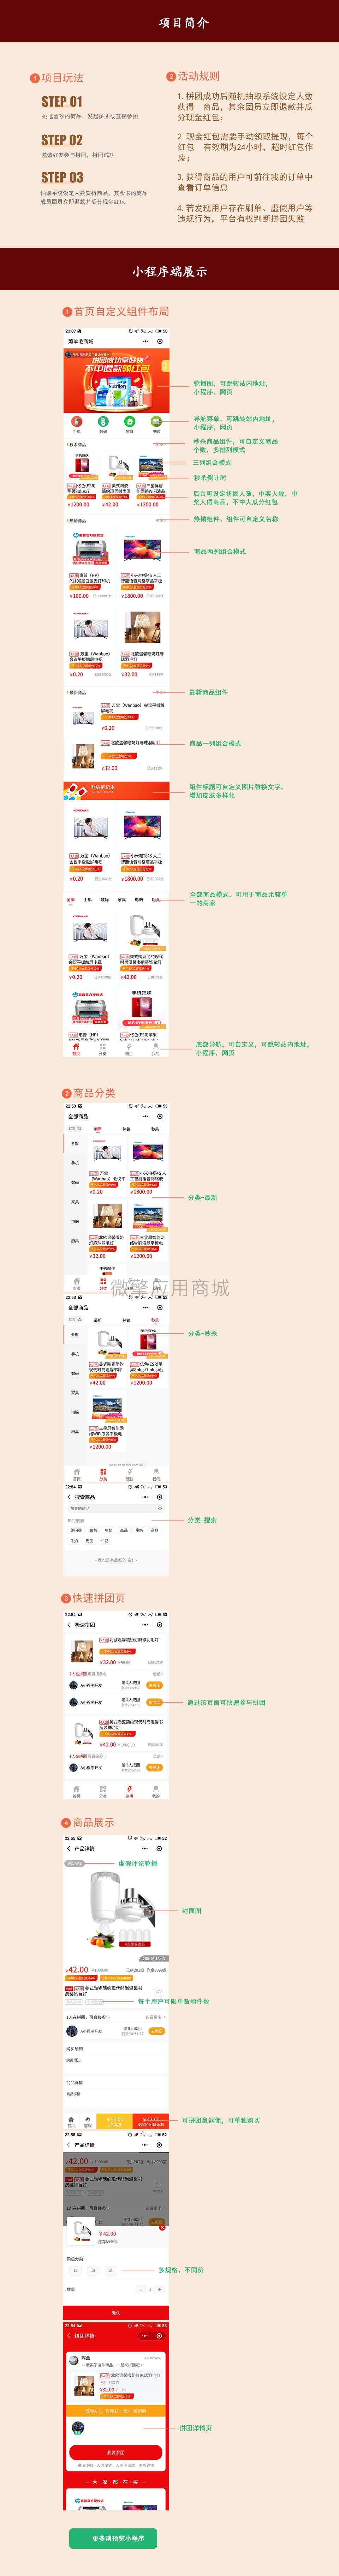 薅羊毛拼团商城v2.1.6 新增到店自提功能